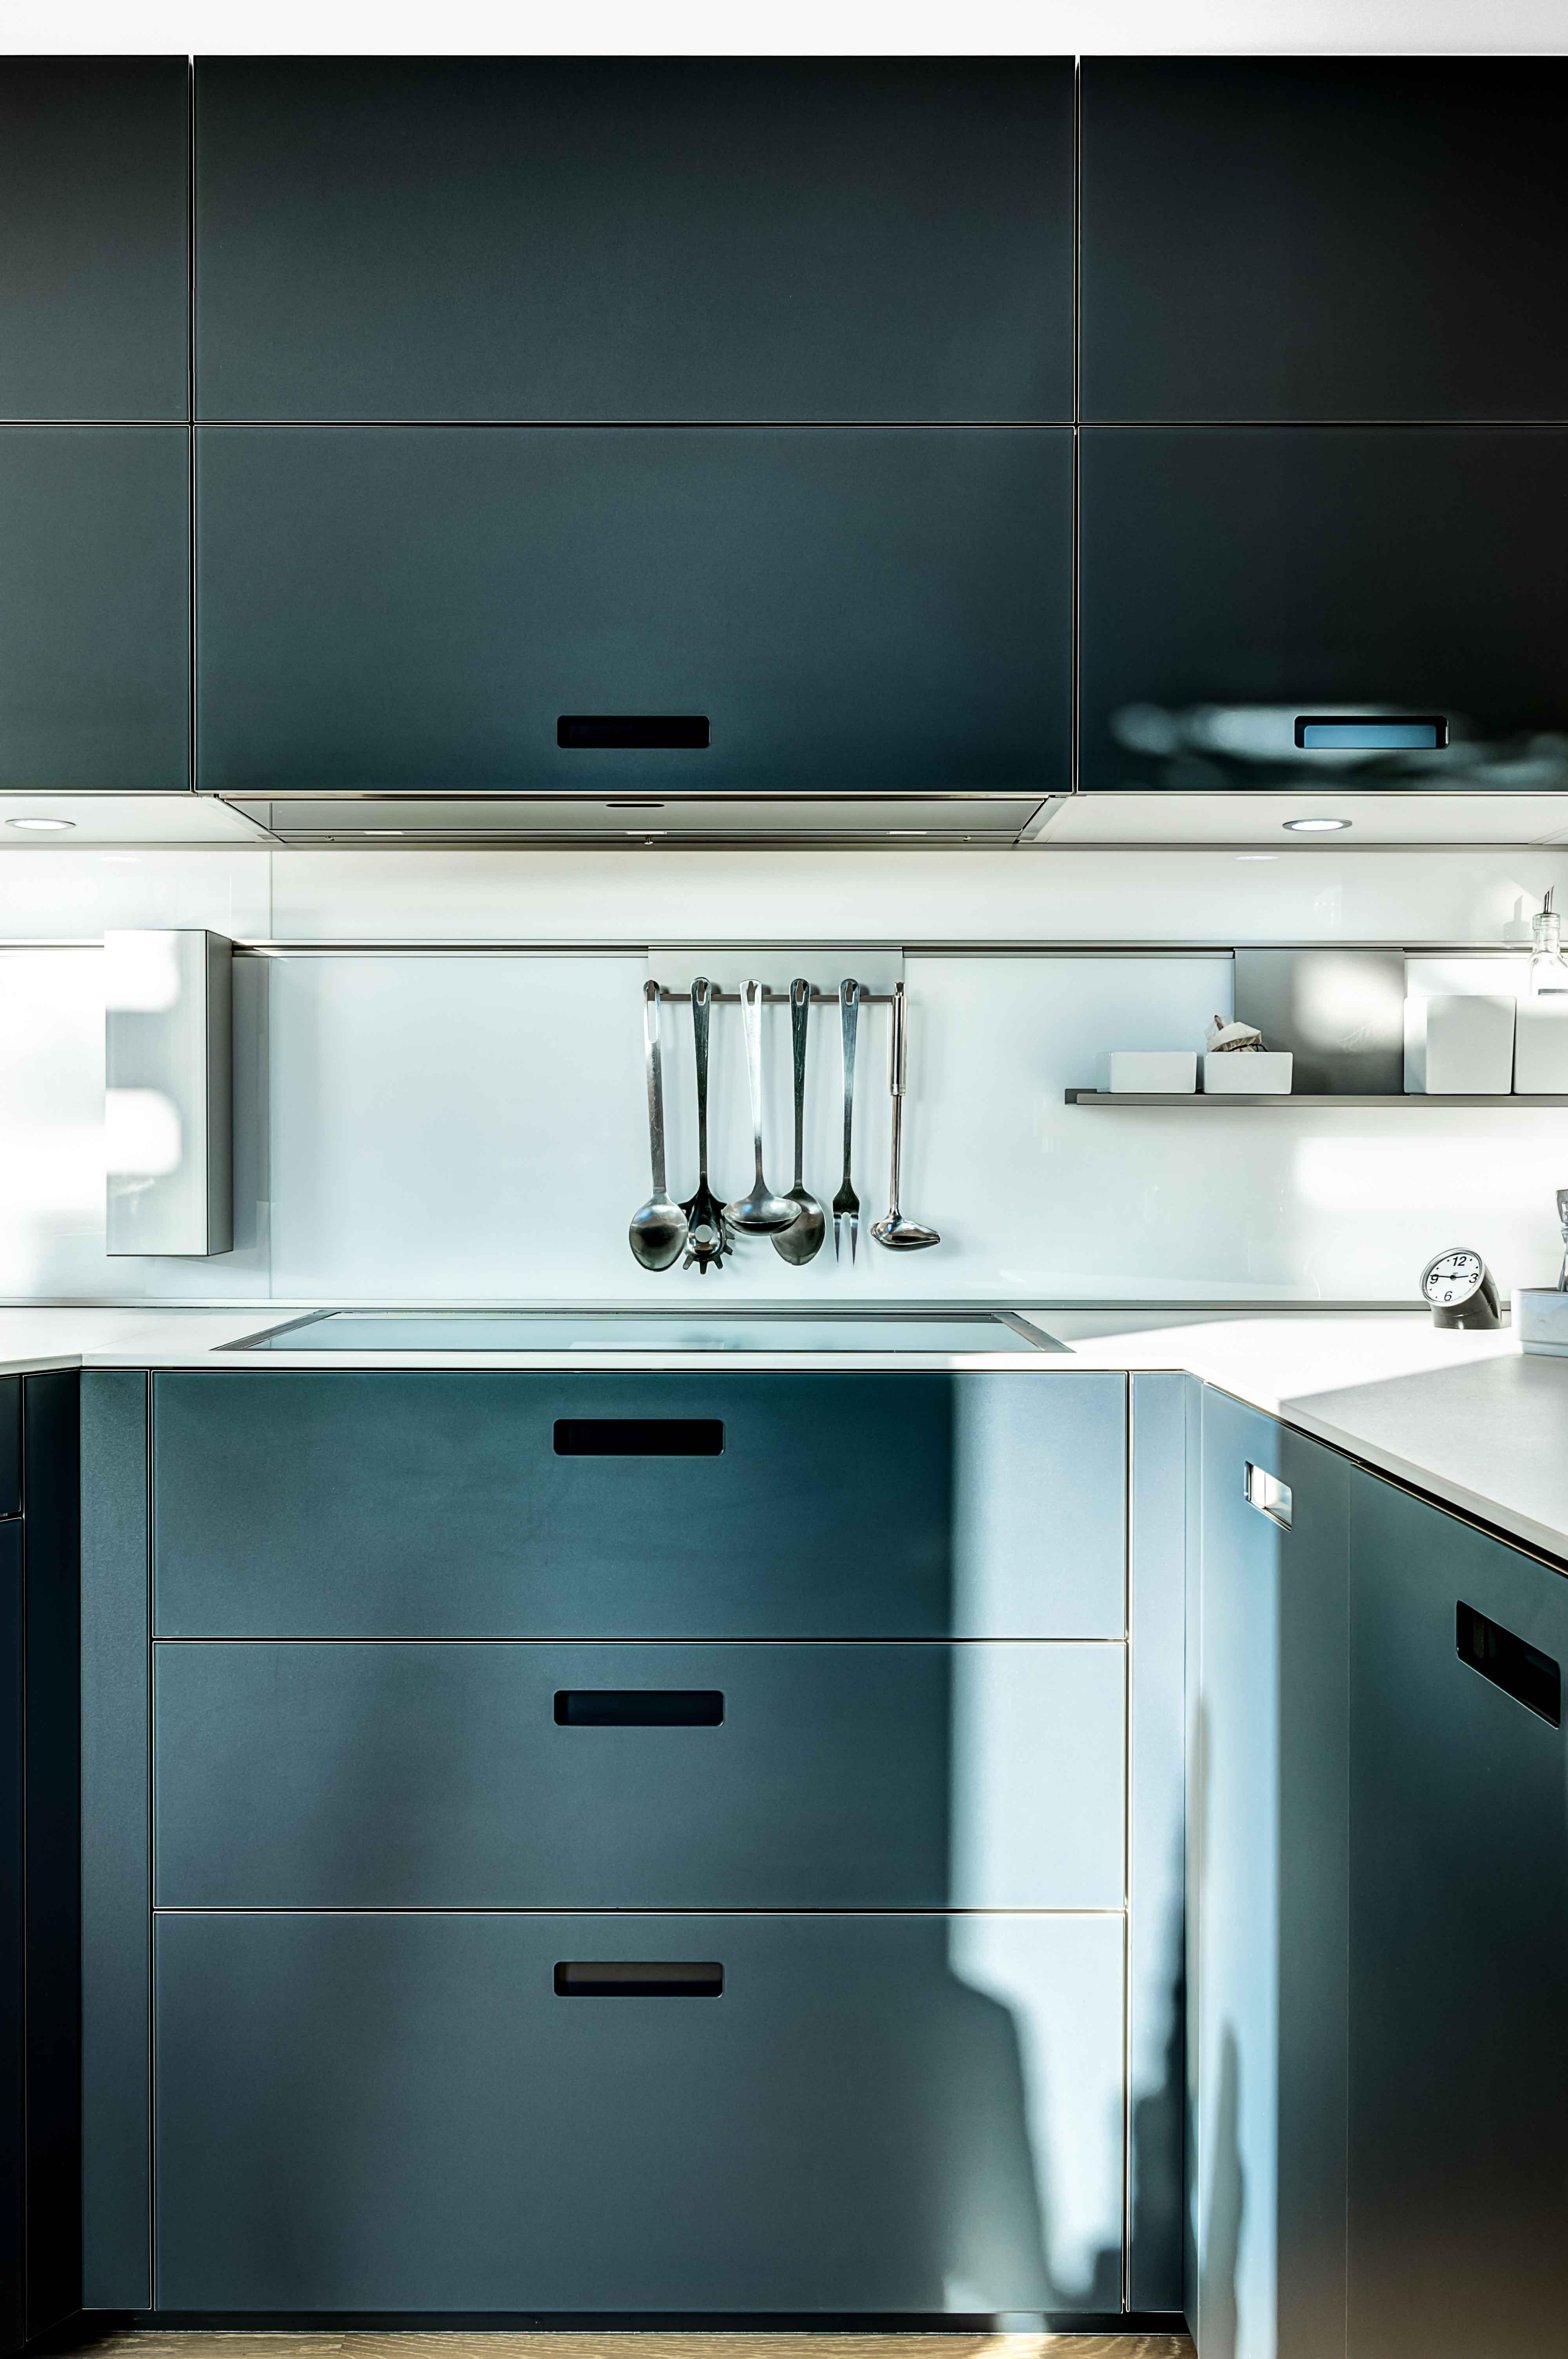 cuisine équipée aménagée design contemporain et moderne